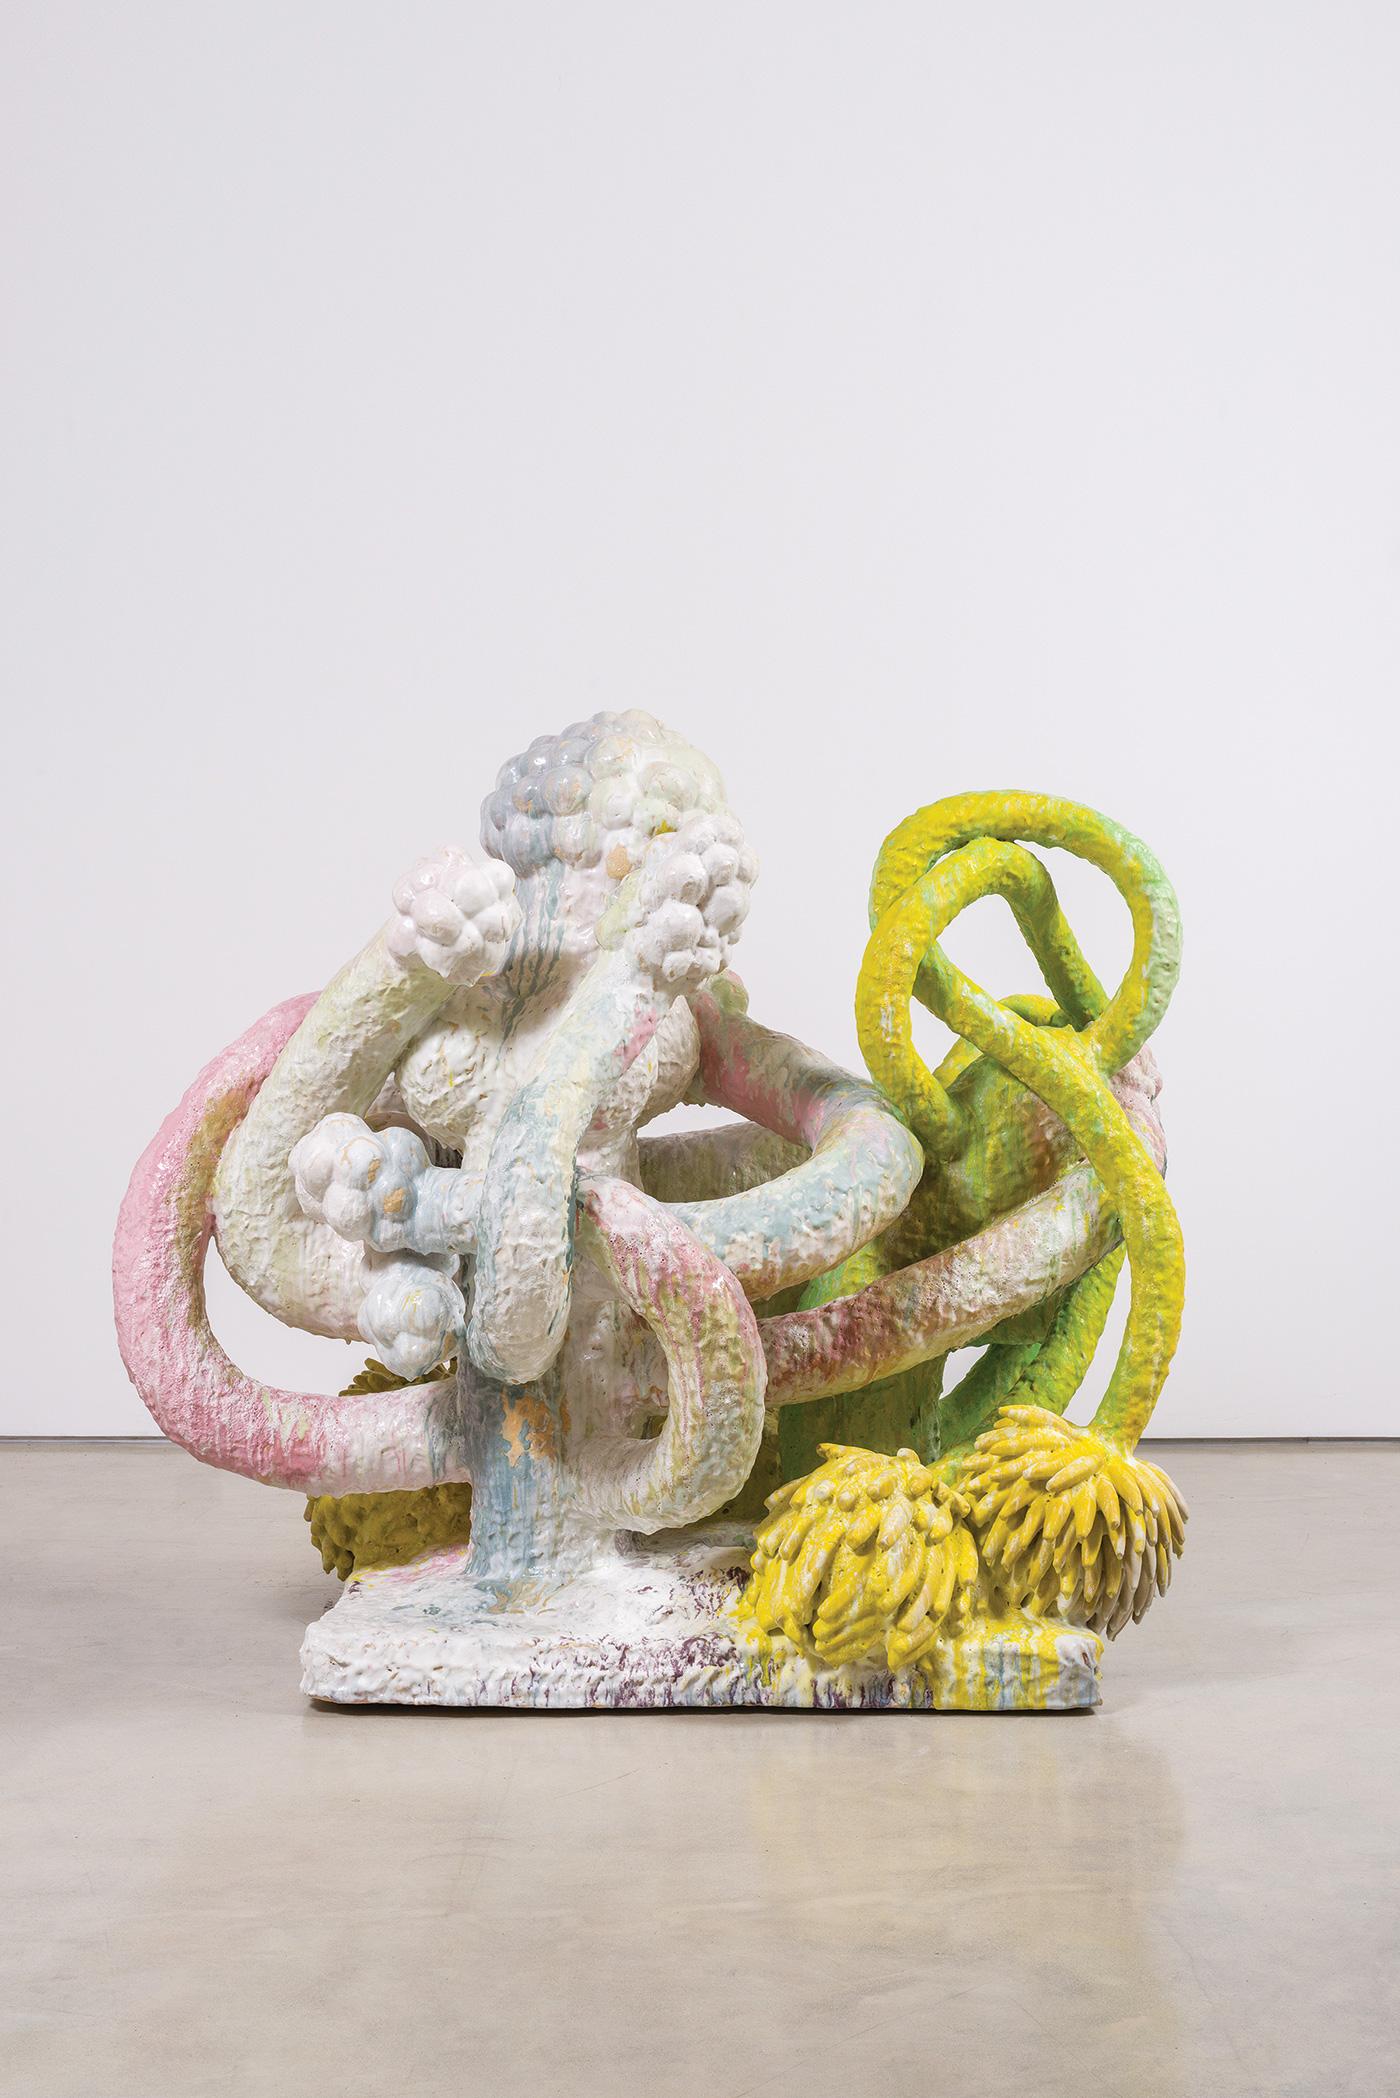 Matt-Wedel-'Banana-tree',-2015-ceramic-72-x-79-x-58-in.-(182.9-x-200.7-x-147.3-cm)-Copyright-Matt-Wedel.-Courtesy-of-L.A.-Louver,-Venice,-CA.-